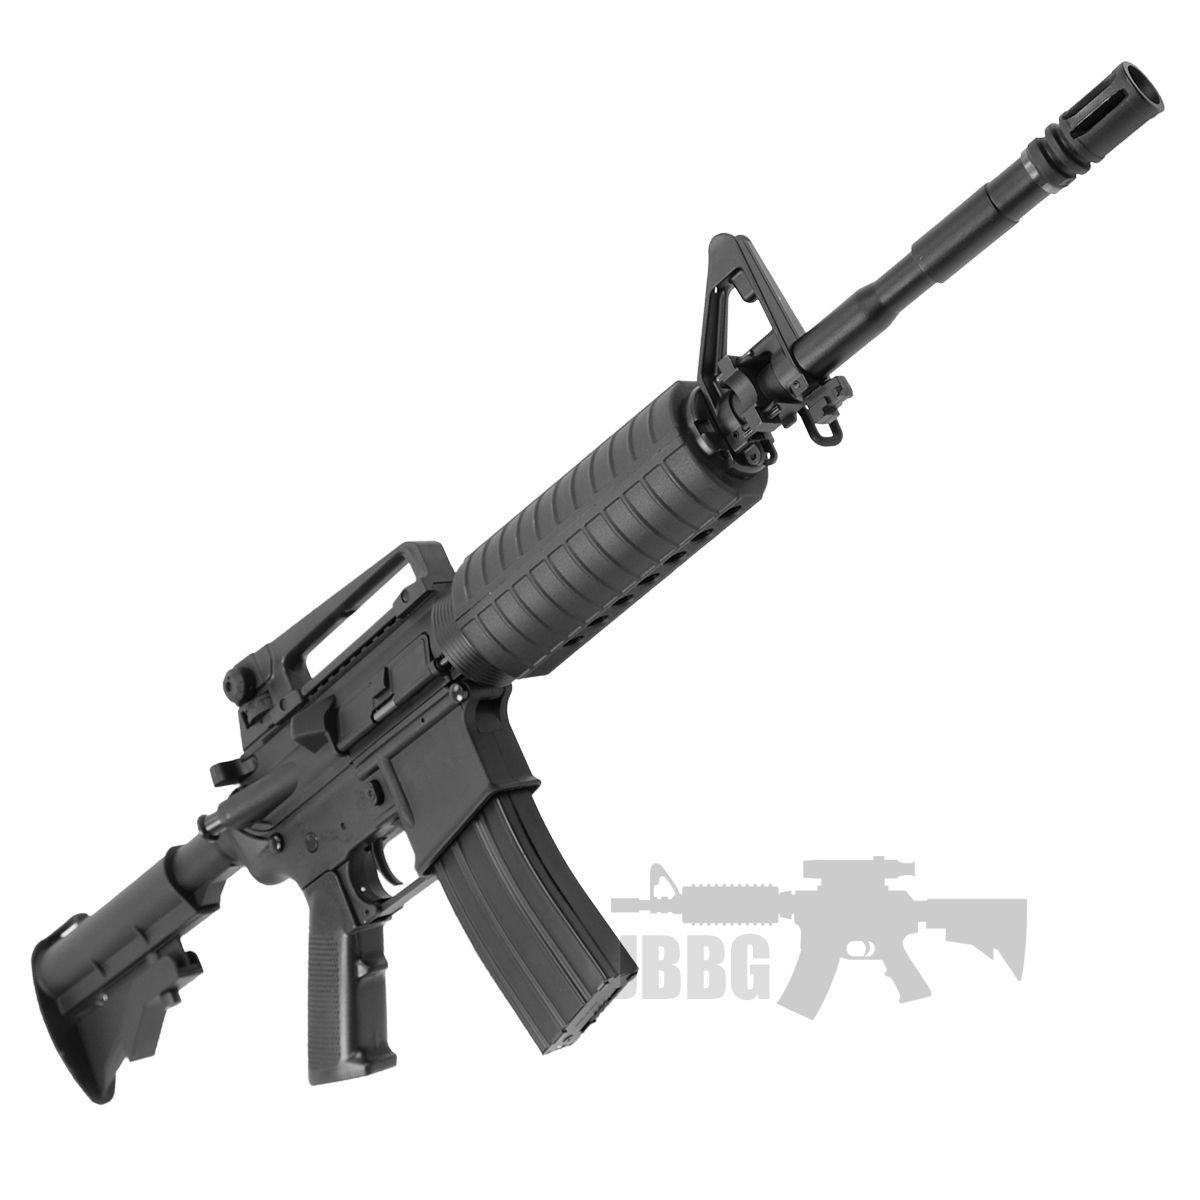 SR4A1 M4 Carbine Sportline AEG Airsoft Gun 10